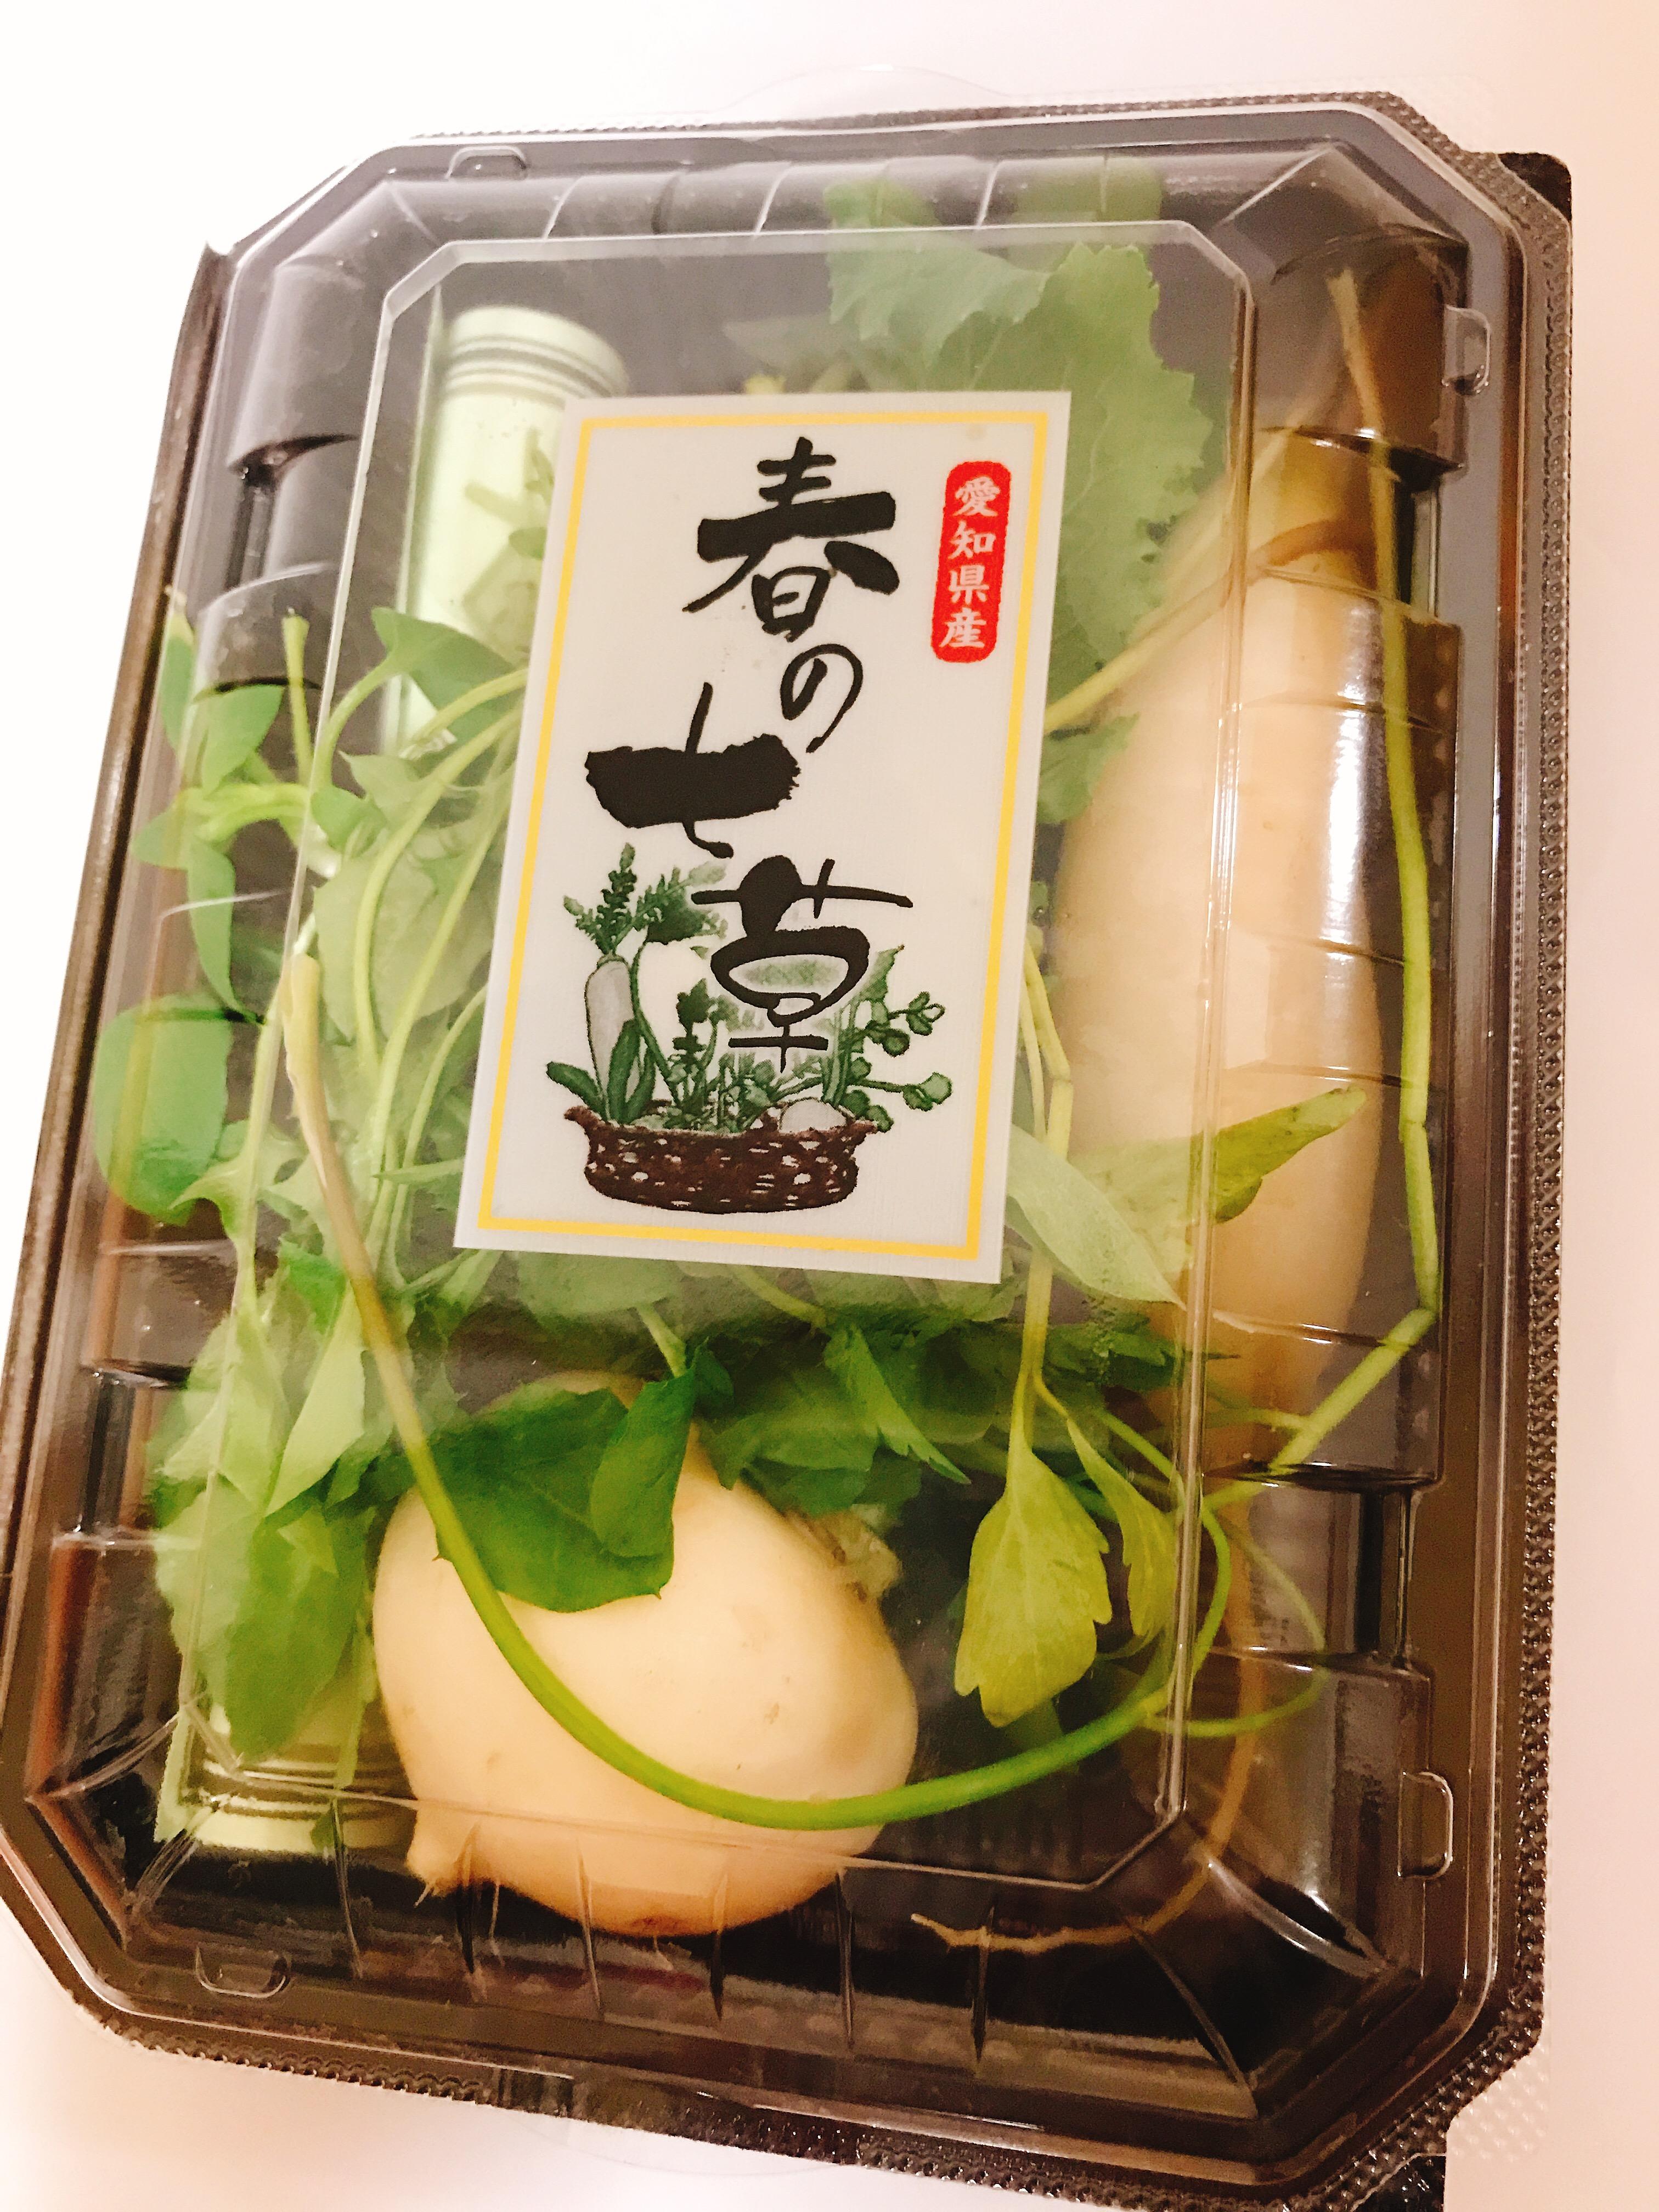 種類 七草粥 【1月7日】7種類言える?七草の意味と七草粥を食べる理由 |